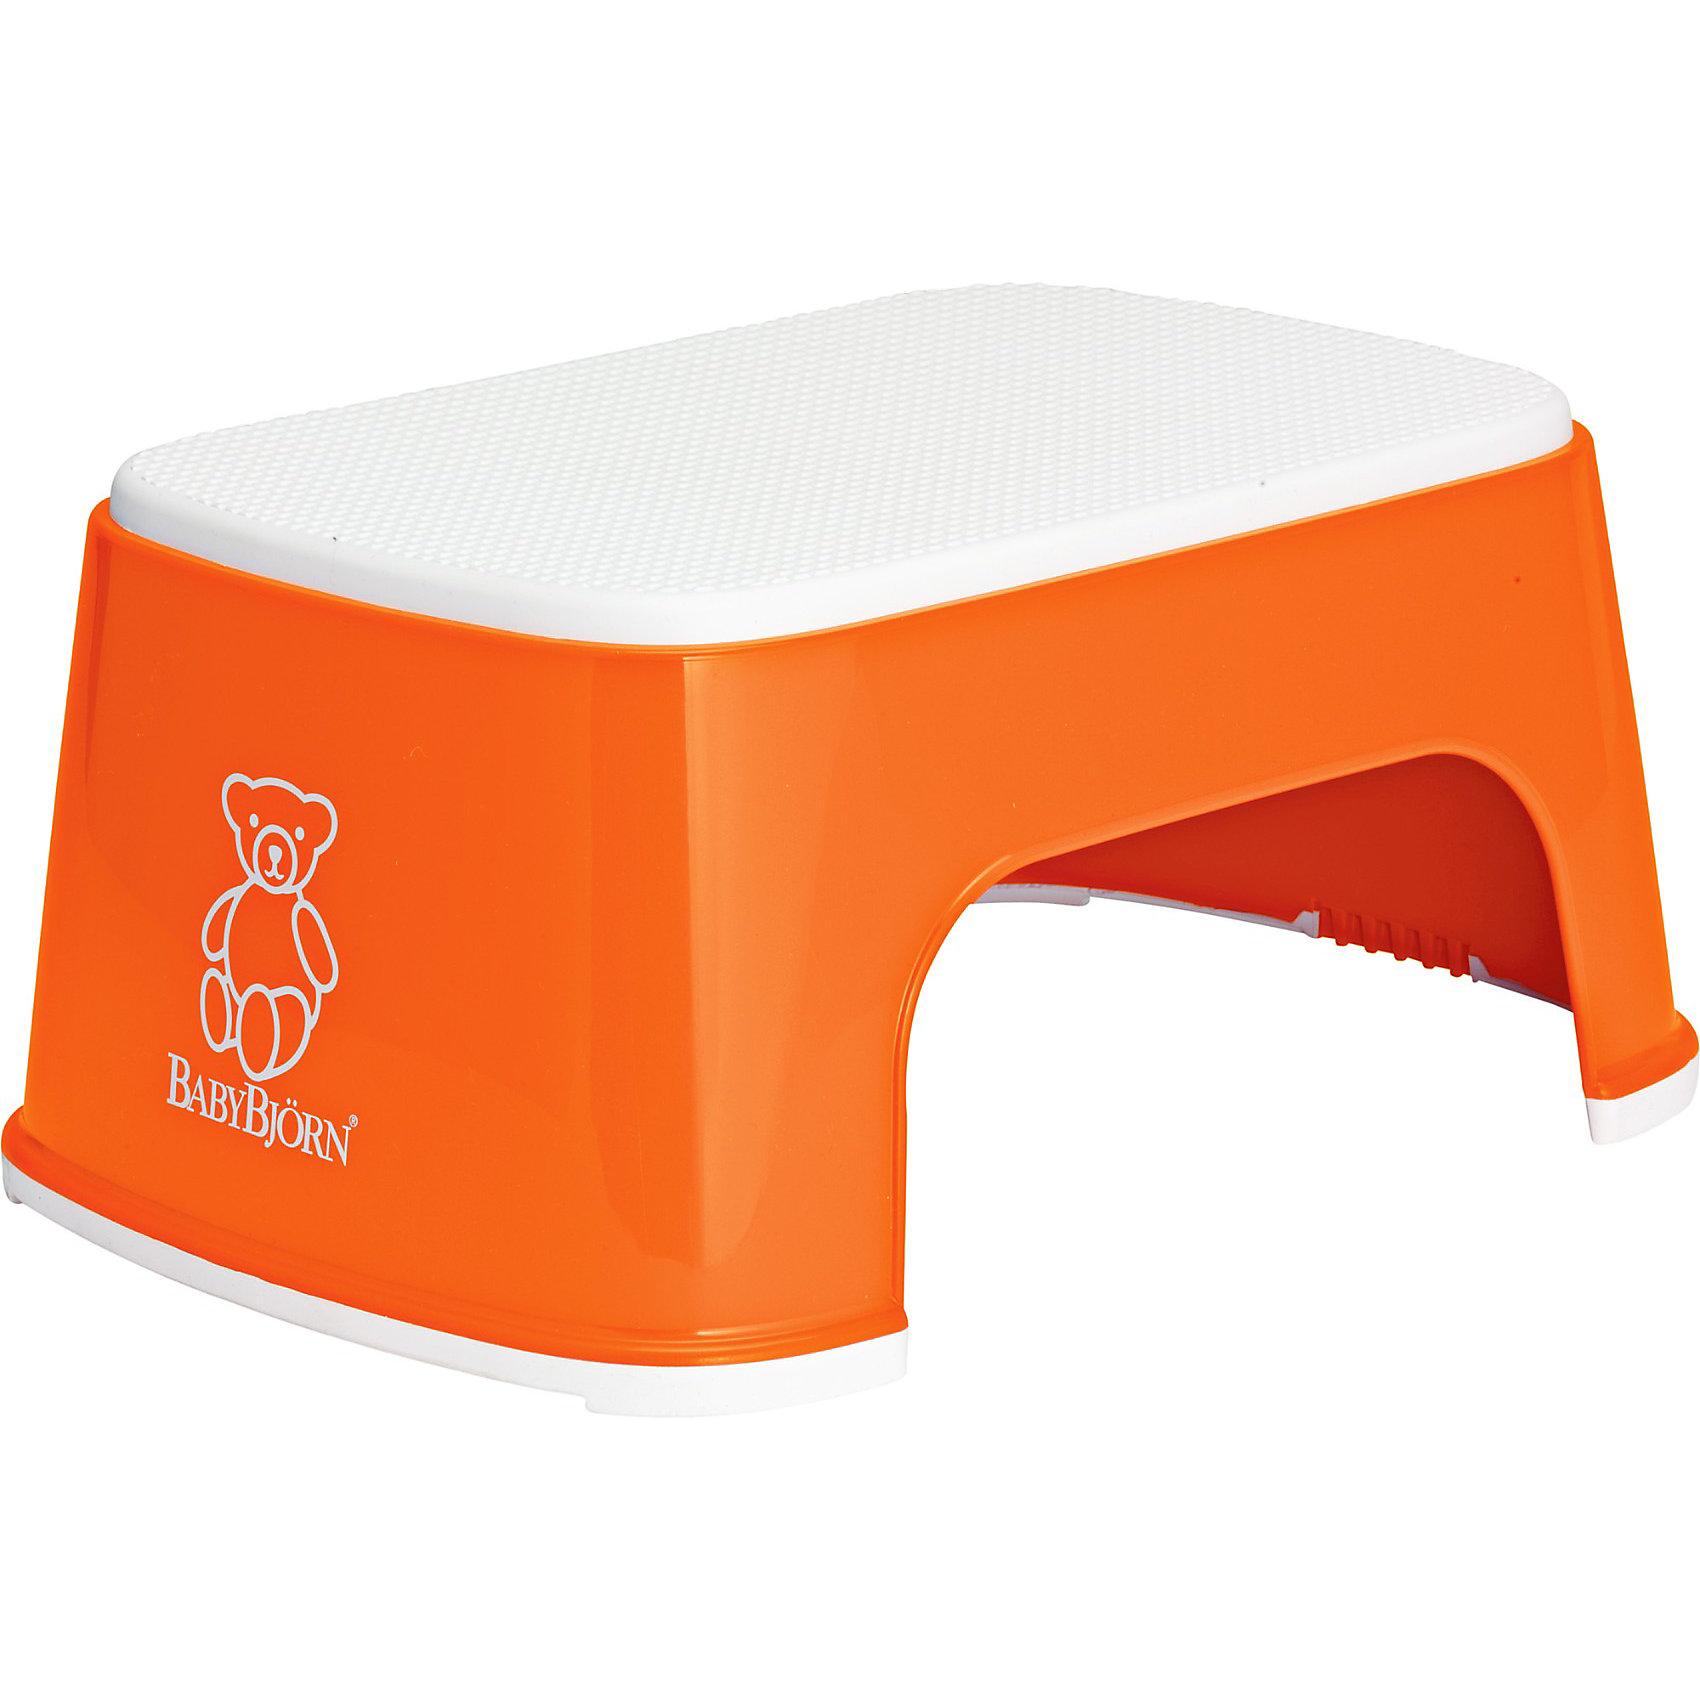 Стульчик-подставка, BabyBjorn, оранжевыйСтульчик-подставка BabyBjorn (БэйбиБьёрн) - безопасный шаг наверх!<br><br>Со стульчиком-подставкой Ваш ребенок легко и спокойно может почистить зубы или вымыть руки, не обращаясь к Вам за помощью. Резиновая поверхность стульчика-подставки создана для того, чтобы ребенок не поскользнулся, даже если его ножки мокрые. Надежная резиновая прокладка на основании предотвращает скольжение подставки.<br>Стульчик легко содержать в чистоте - просто ополосните его под краном.<br><br>Дополнительная информация:<br><br>- Материал: пластик<br>- Вес: 550 г<br>- Размеры: 35? x? 24? x? 15 см<br>- Максимальный вес для BABYBJ?RN Стульчика–подставки не установлен.  <br>- Стульчик–подставка достаточно прочен, чтобы выдержать взрослого, но он однозначно рассчитан на детей.<br><br>Стульчик-подставка, BabyBjorn, оранжевый можно купить в нашем интернет-магазине.<br><br>Ширина мм: 240<br>Глубина мм: 315<br>Высота мм: 155<br>Вес г: 570<br>Возраст от месяцев: 12<br>Возраст до месяцев: 72<br>Пол: Унисекс<br>Возраст: Детский<br>SKU: 3888129